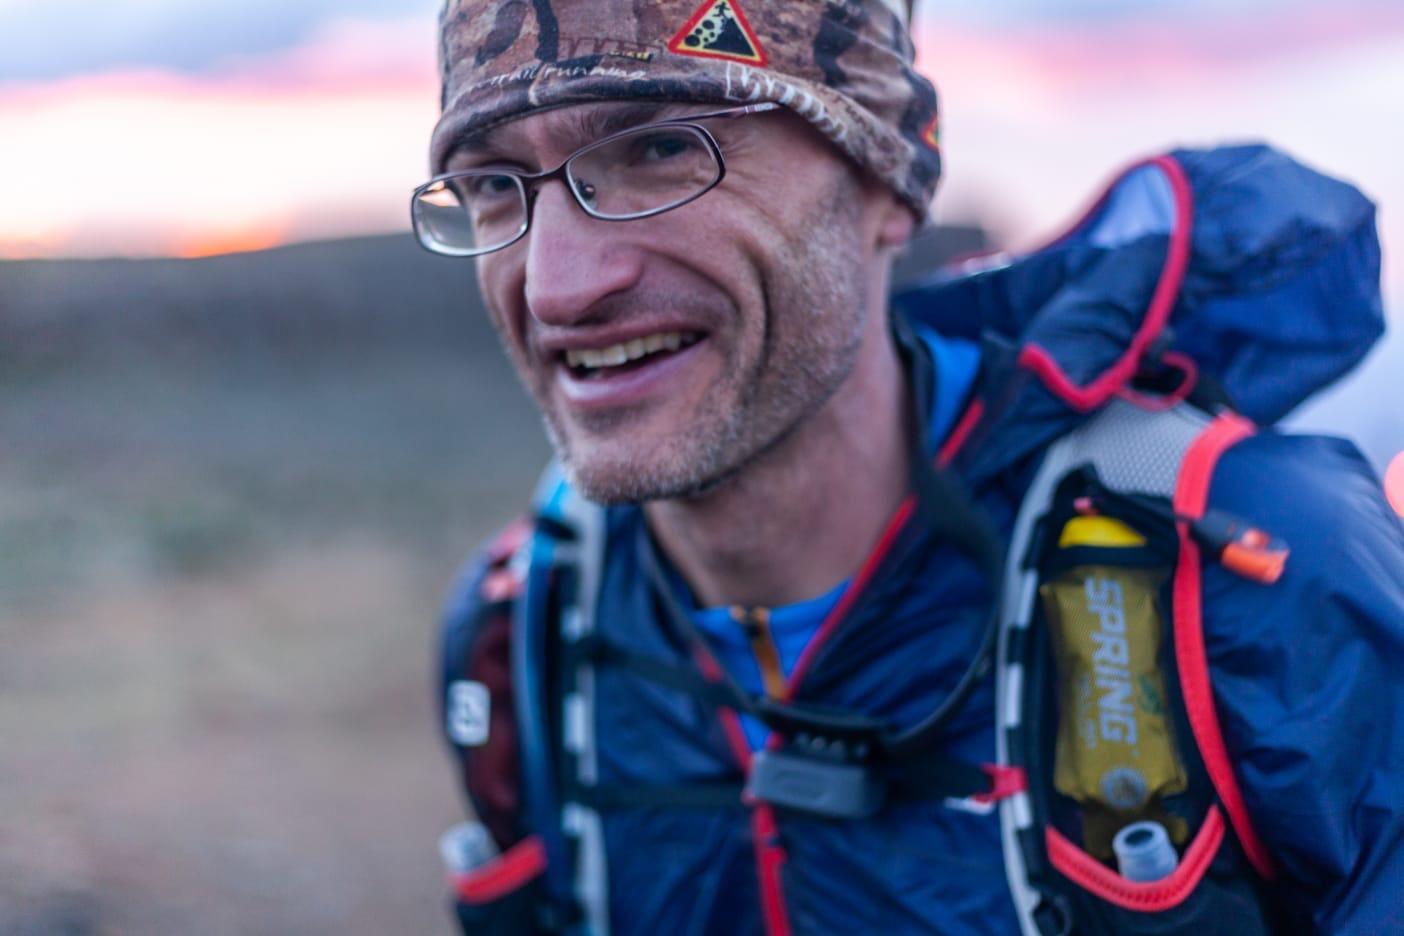 Eryk podczas biegu na 100 km w Górach Smoczych (fot. Archiwum prywatne)